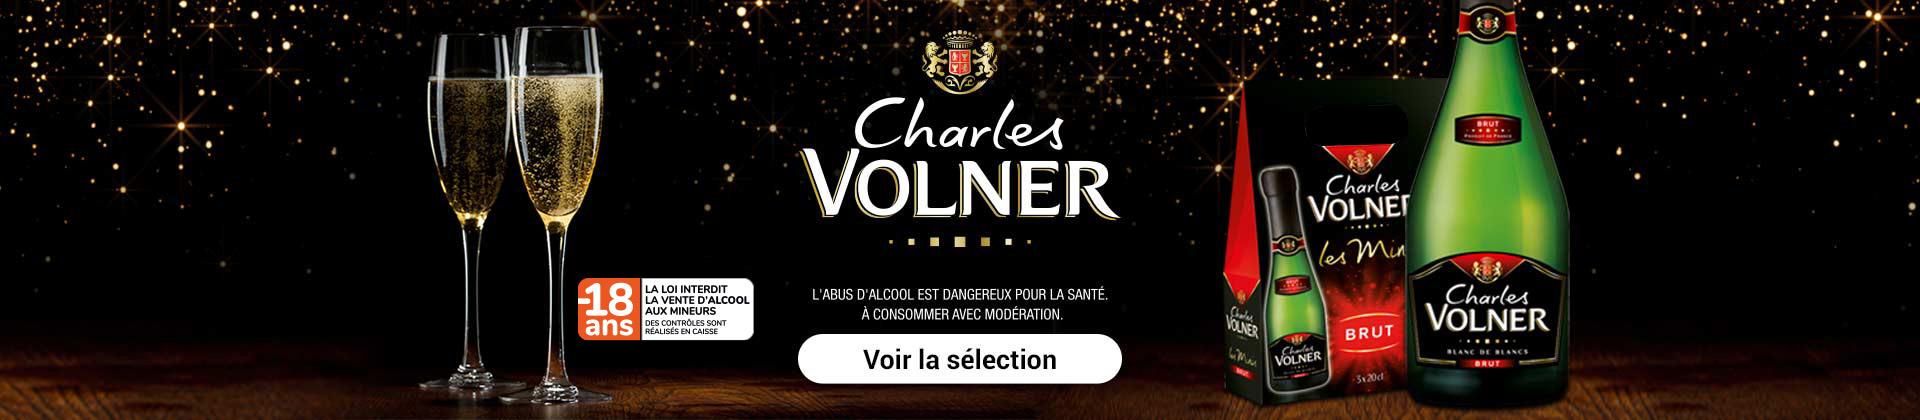 Charles Volner